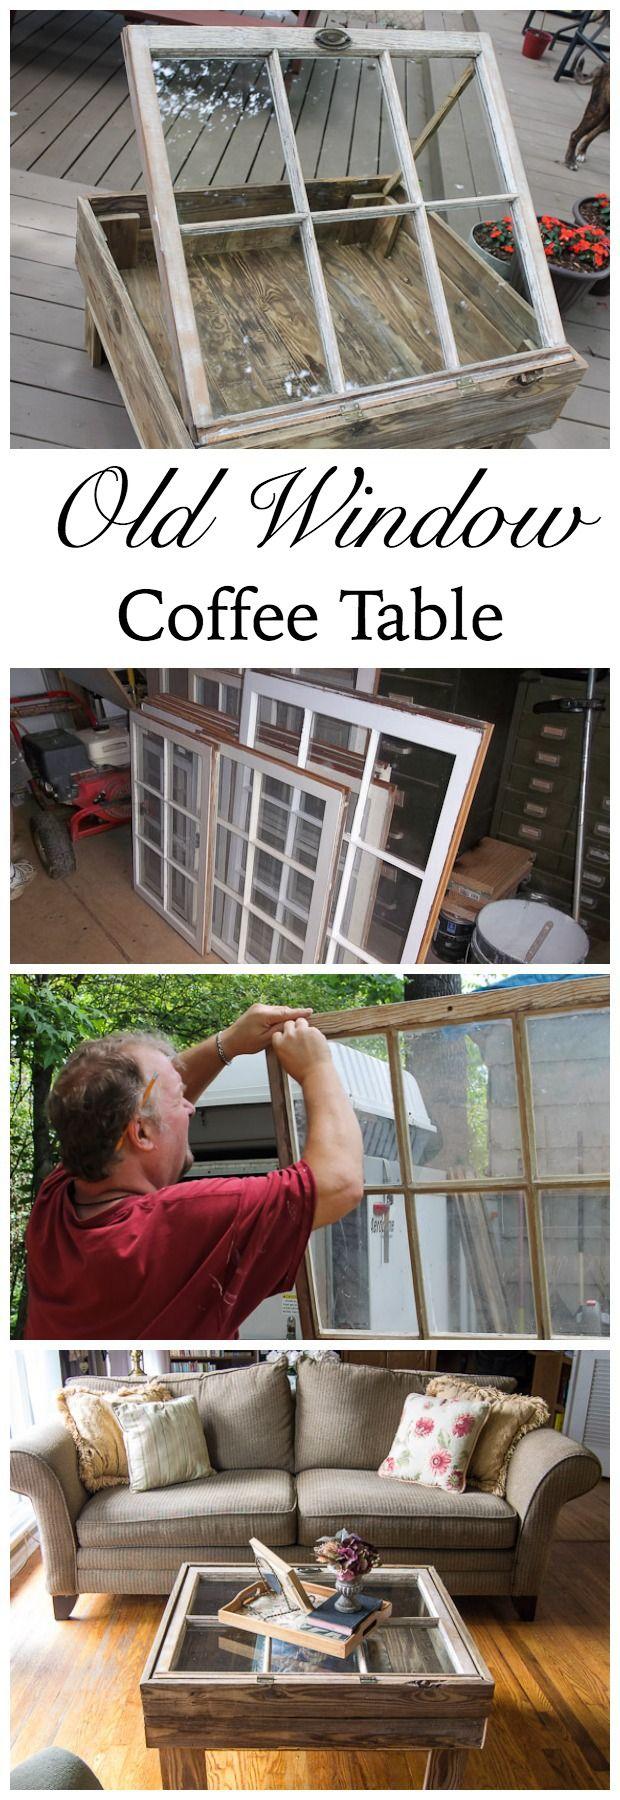 DIY Window Coffee Table Tutorial - Marty's Musings